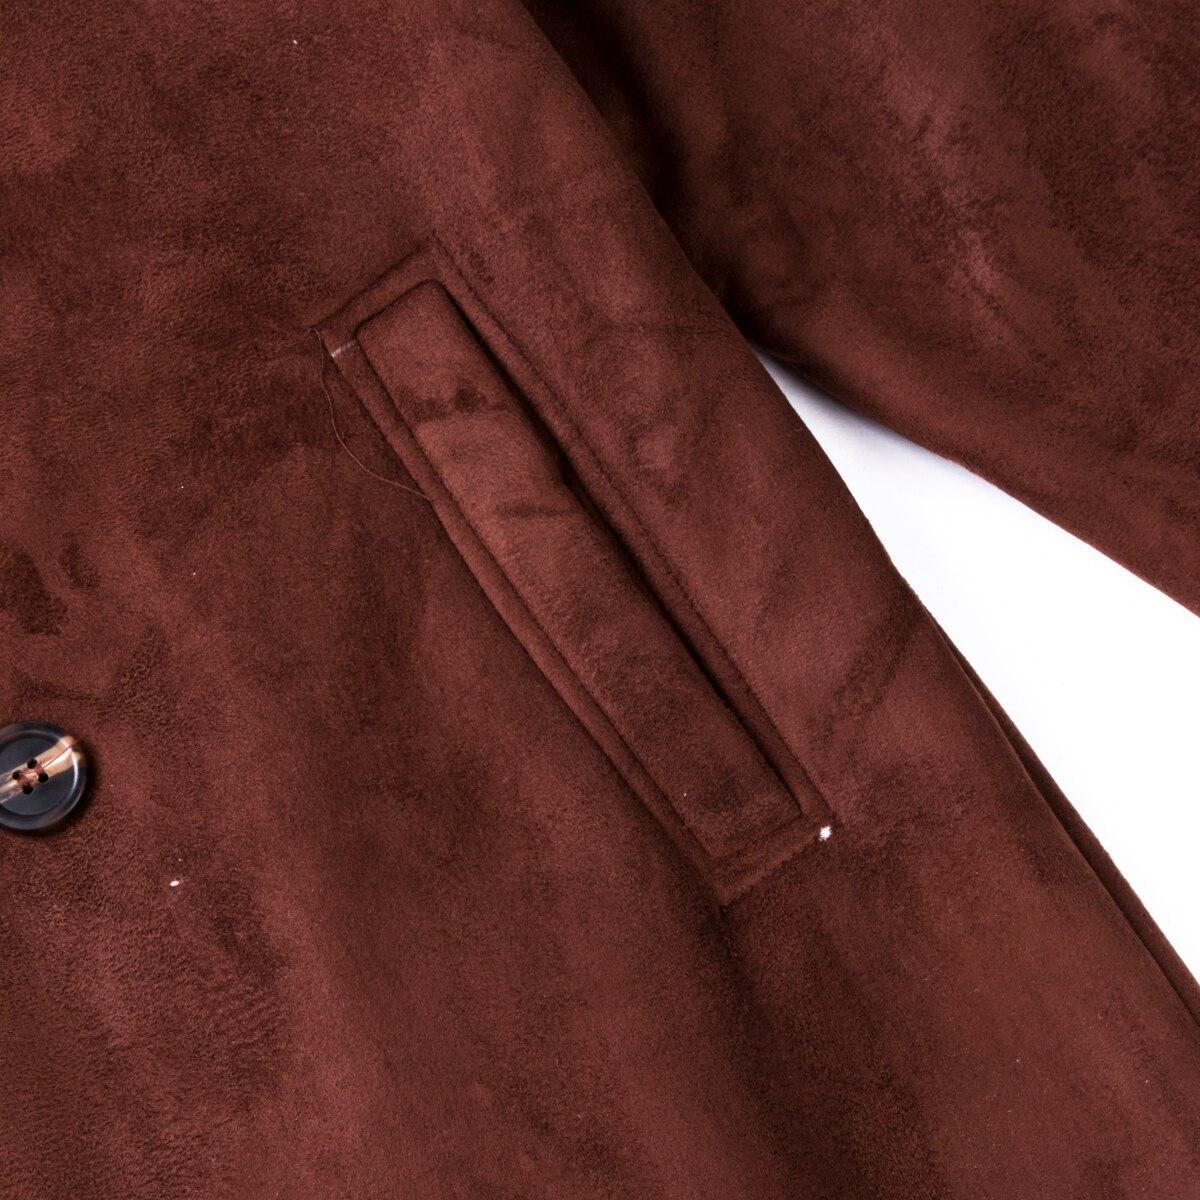 Hc69d35c425ea483b86252511f50d66bbq Men's Winter Warm Trench Windproof Fur Fleece Long Coat Overcoat Lapel Warm Fluffy Jacket Buttons Outerwear Plus Size Coat